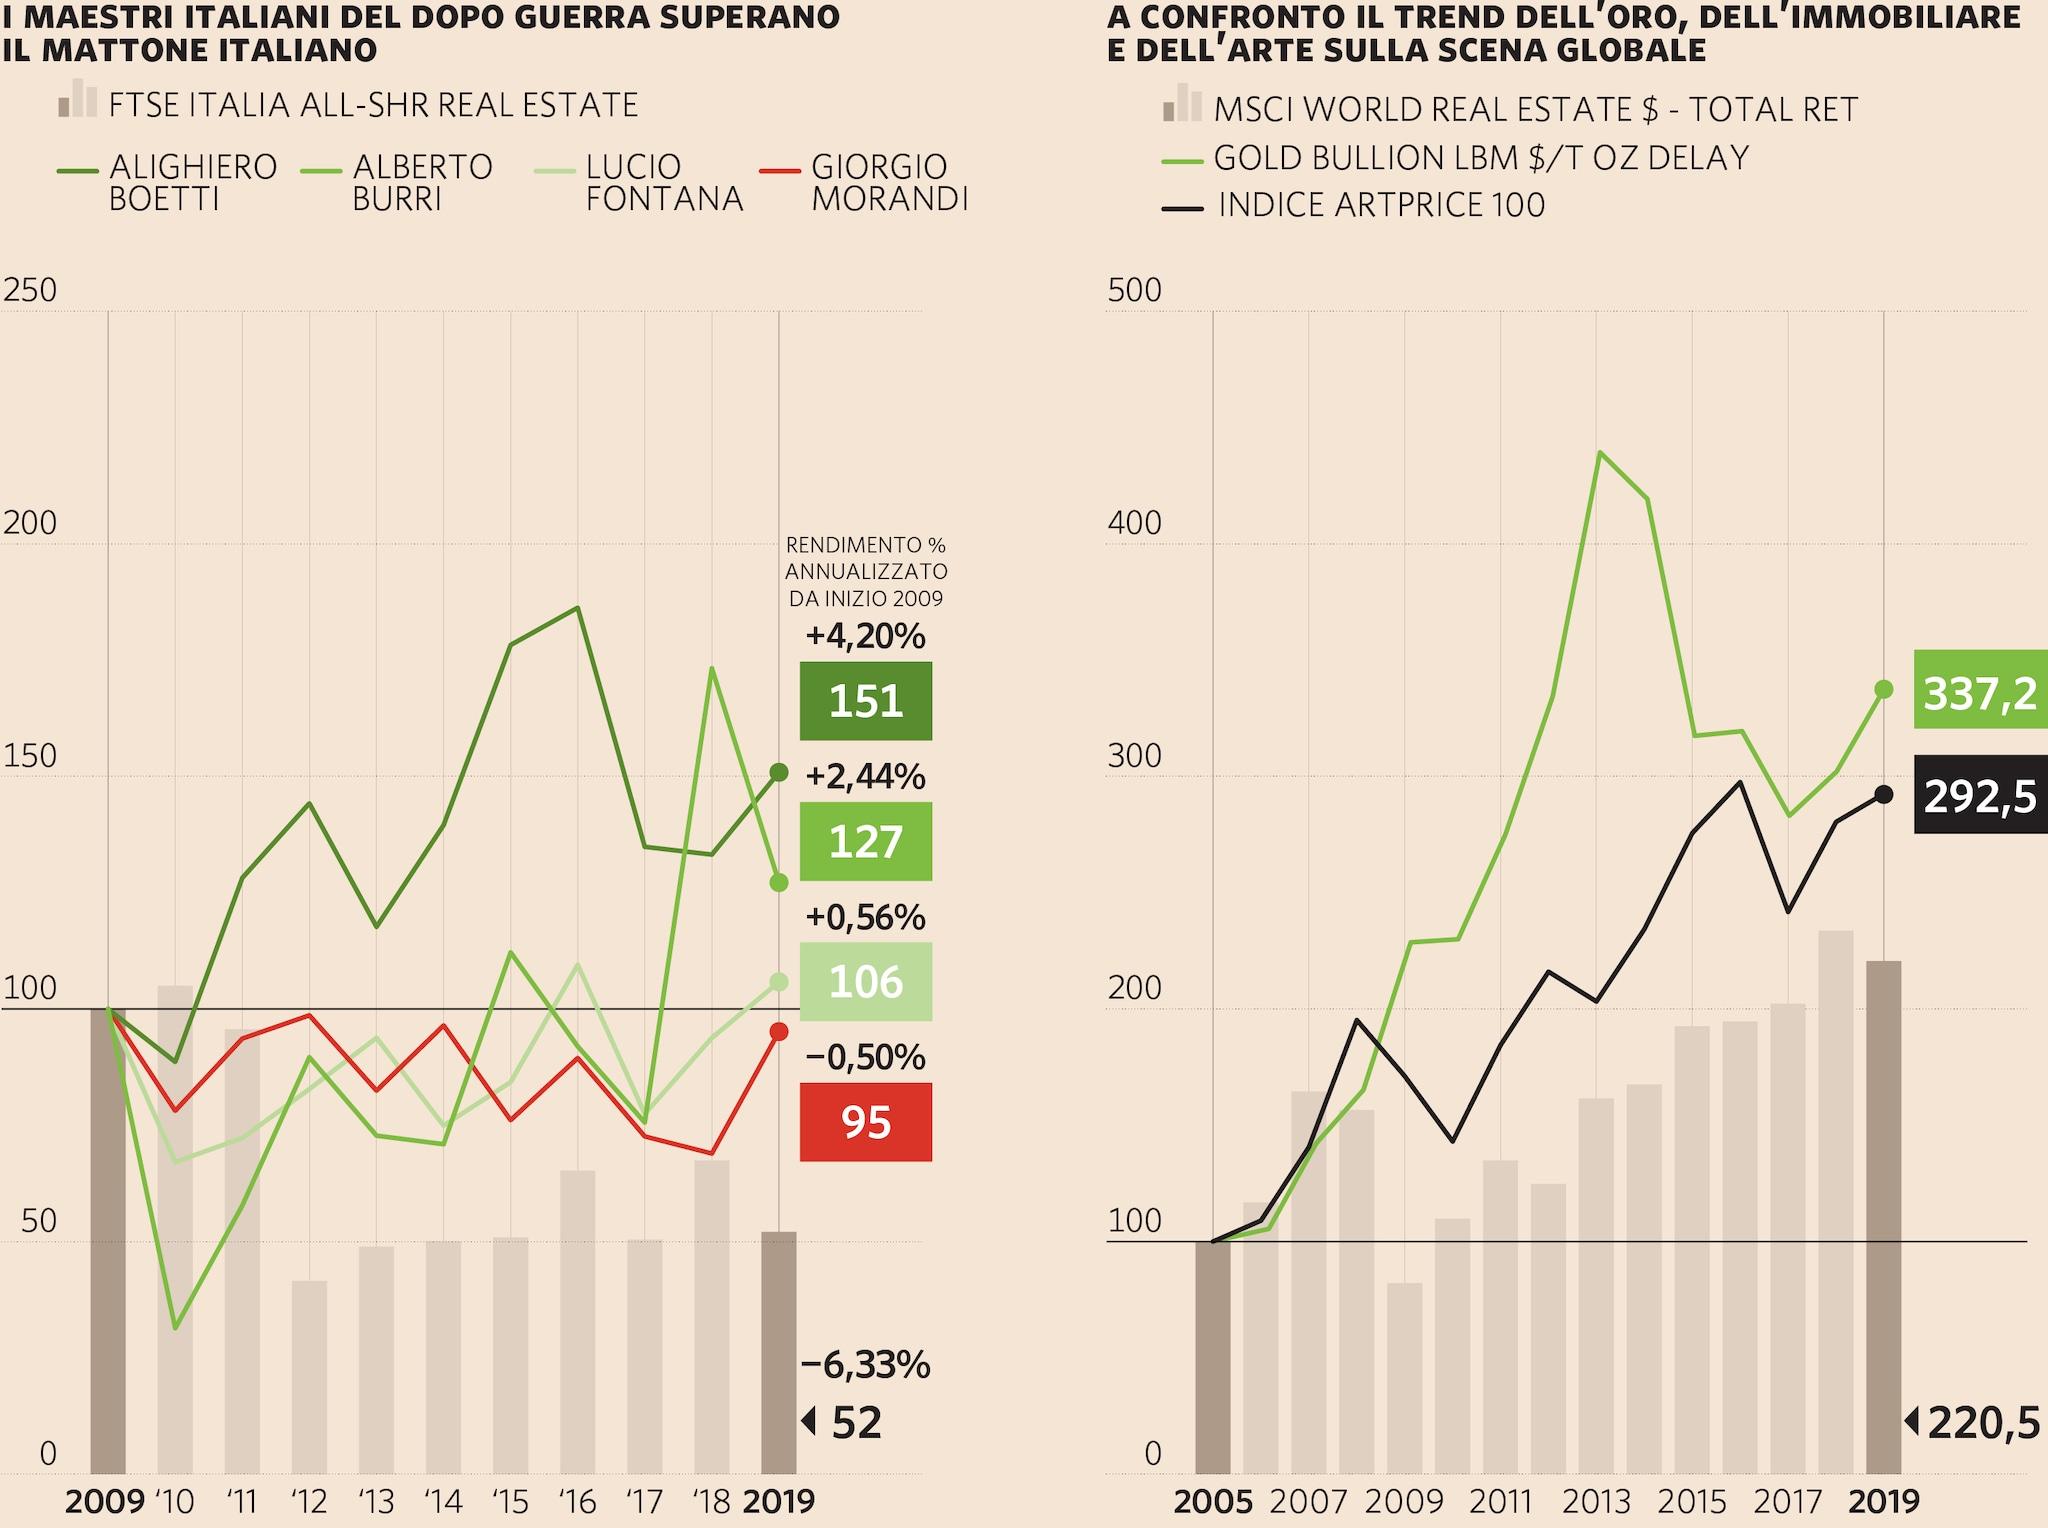 LA CAPACITÀ DELL'ARTE DI REAGIRE ALLE CRISI: IN DIECI ANNI IN ITALIA E IN 14 NEL MONDO BATTE SEMPRE L'INVESTIMENTO IMMOBILIARE